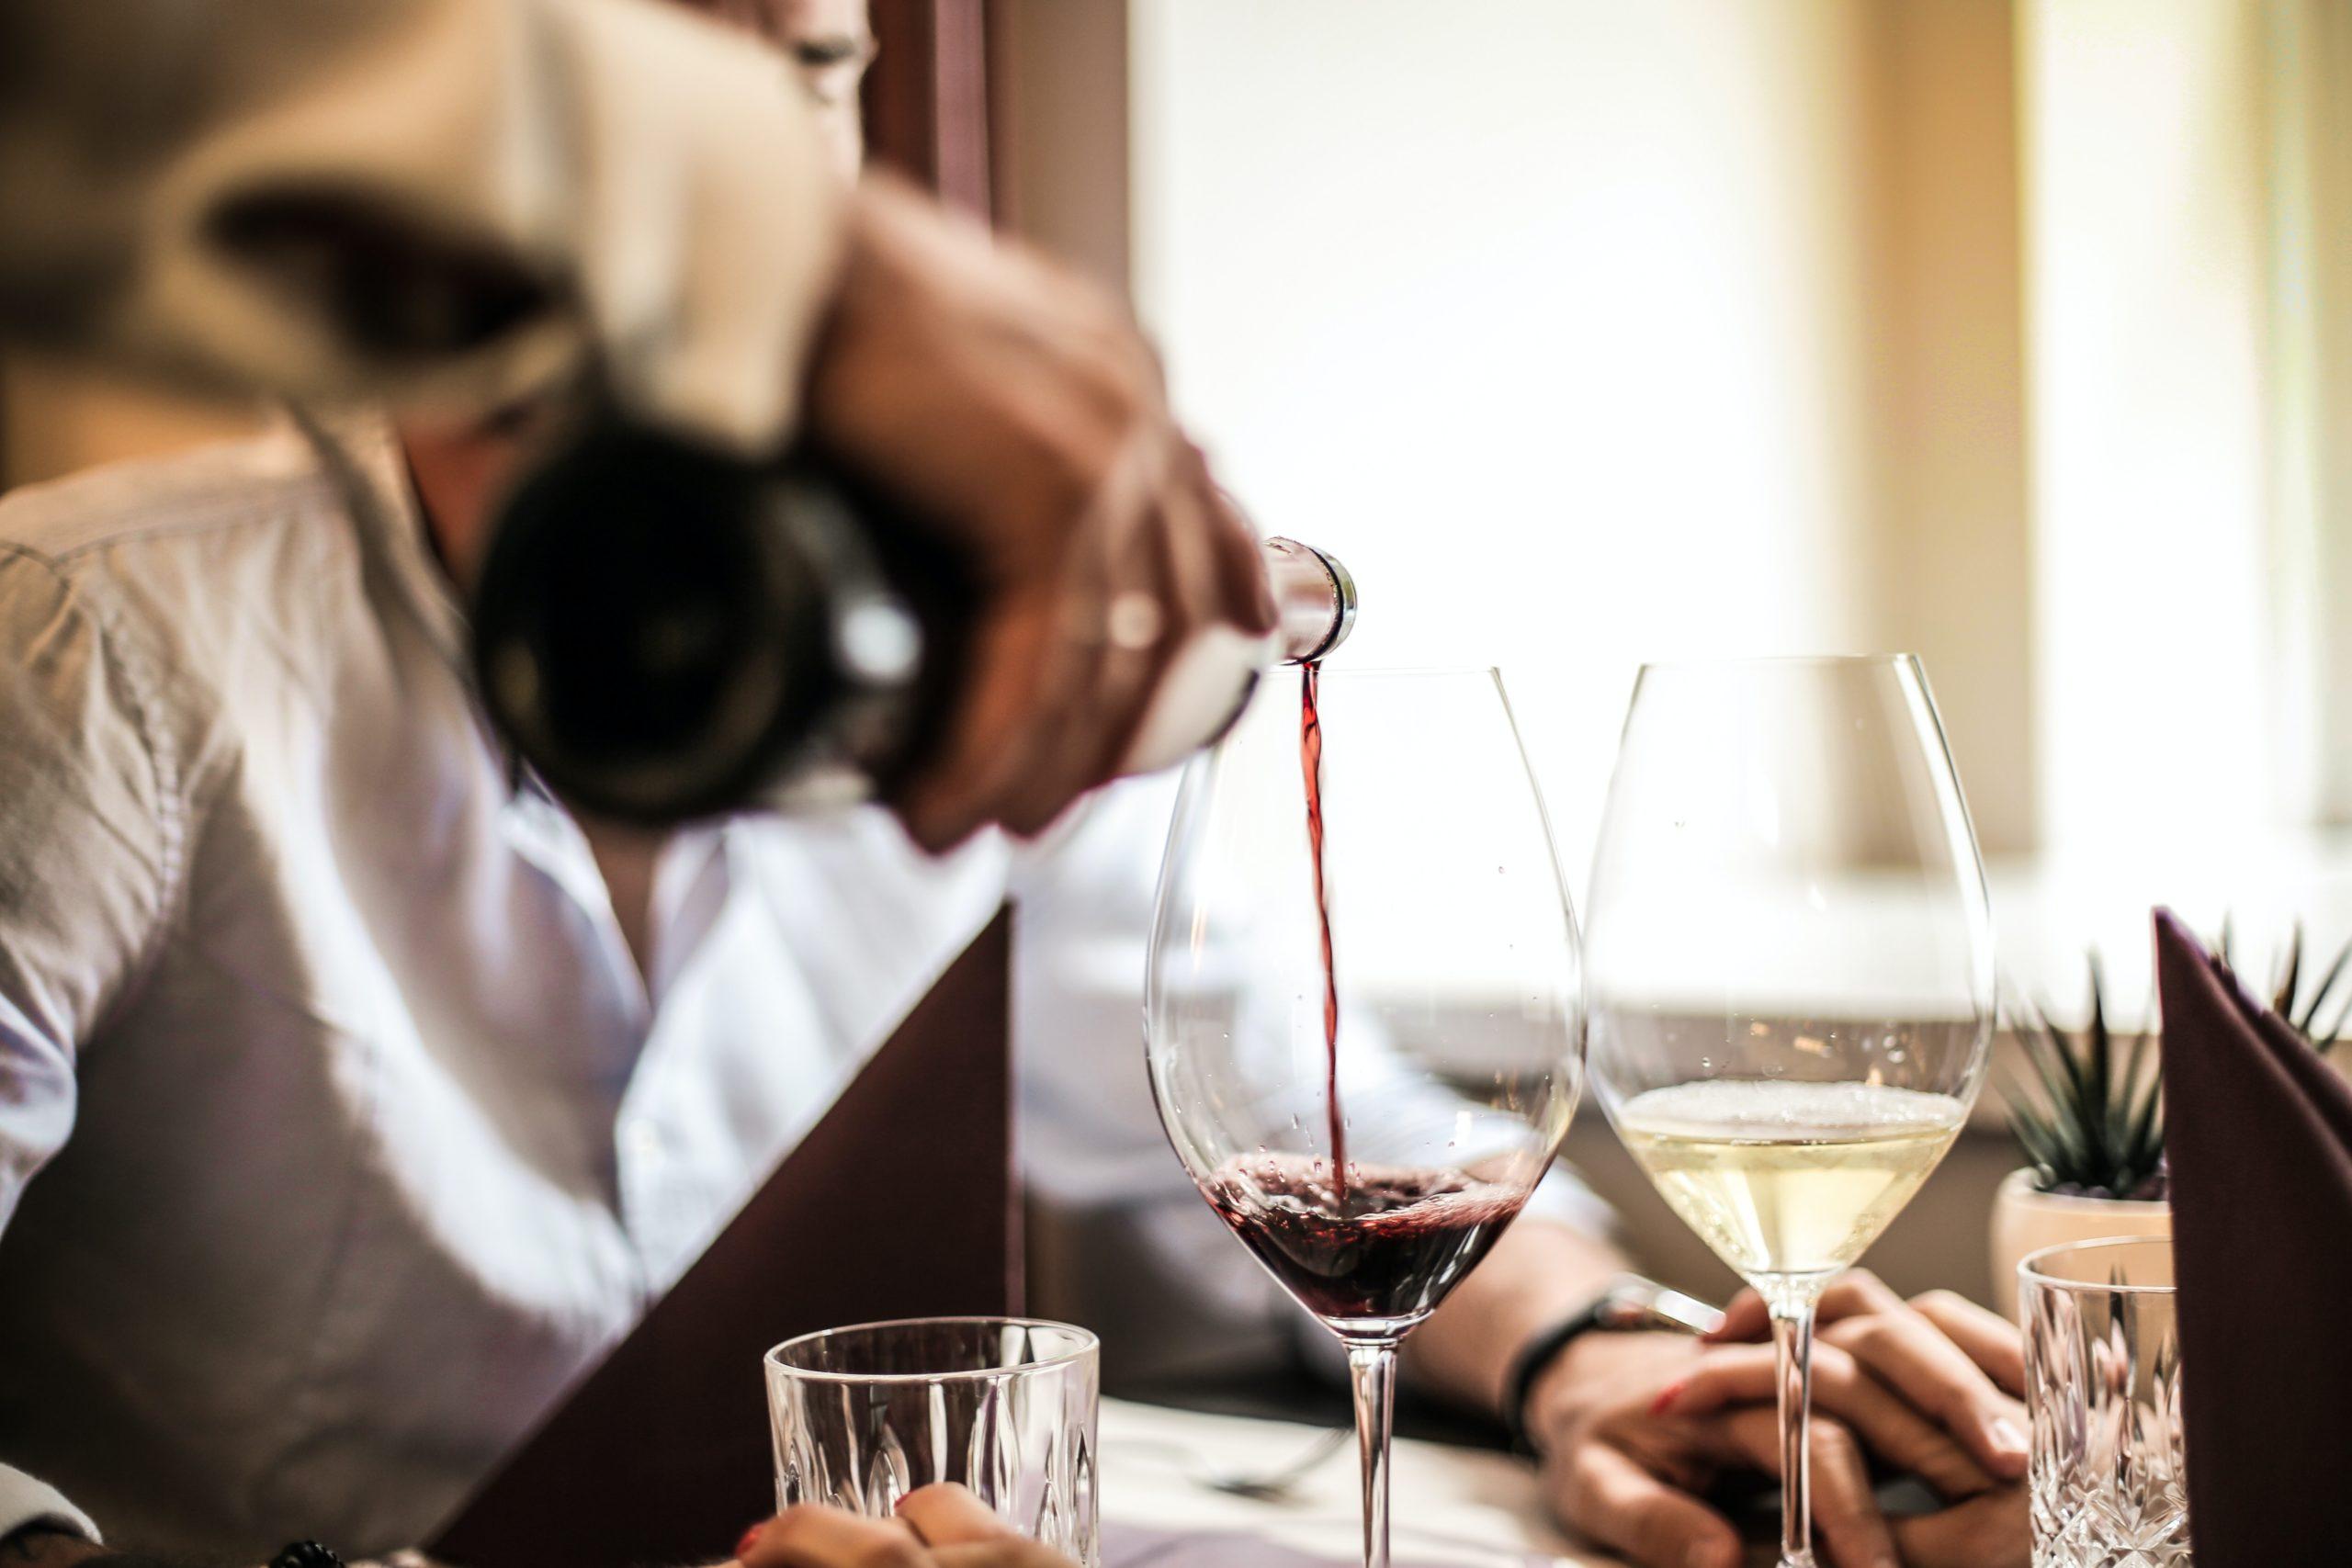 Há Vinhos Que Fazem Melhor à Saúde? Como Devo Consumir?